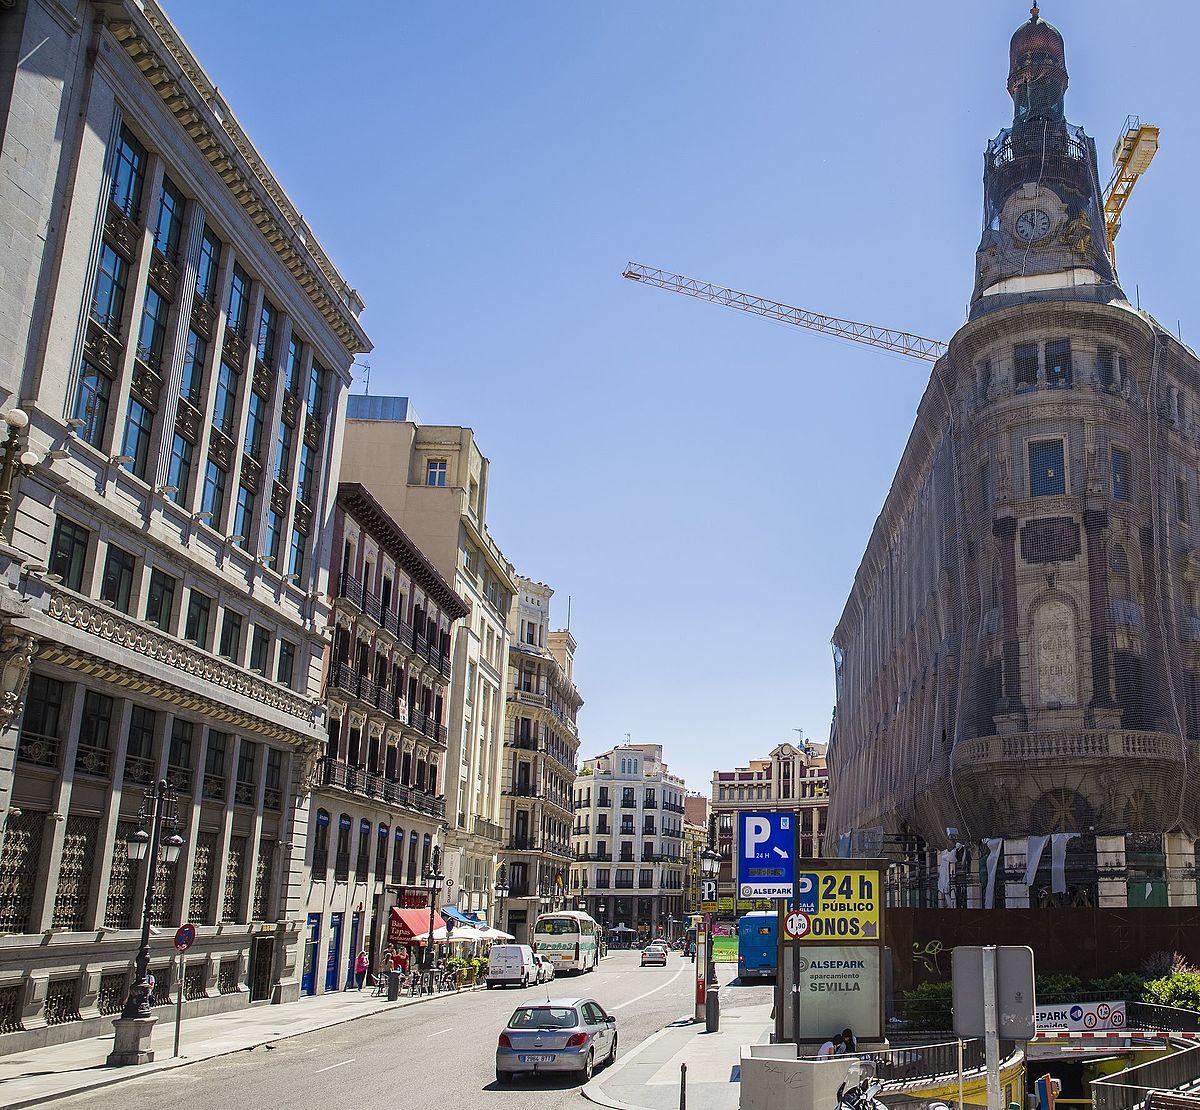 Calle de sevilla madrid wikipedia la enciclopedia libre - Calle correduria sevilla ...